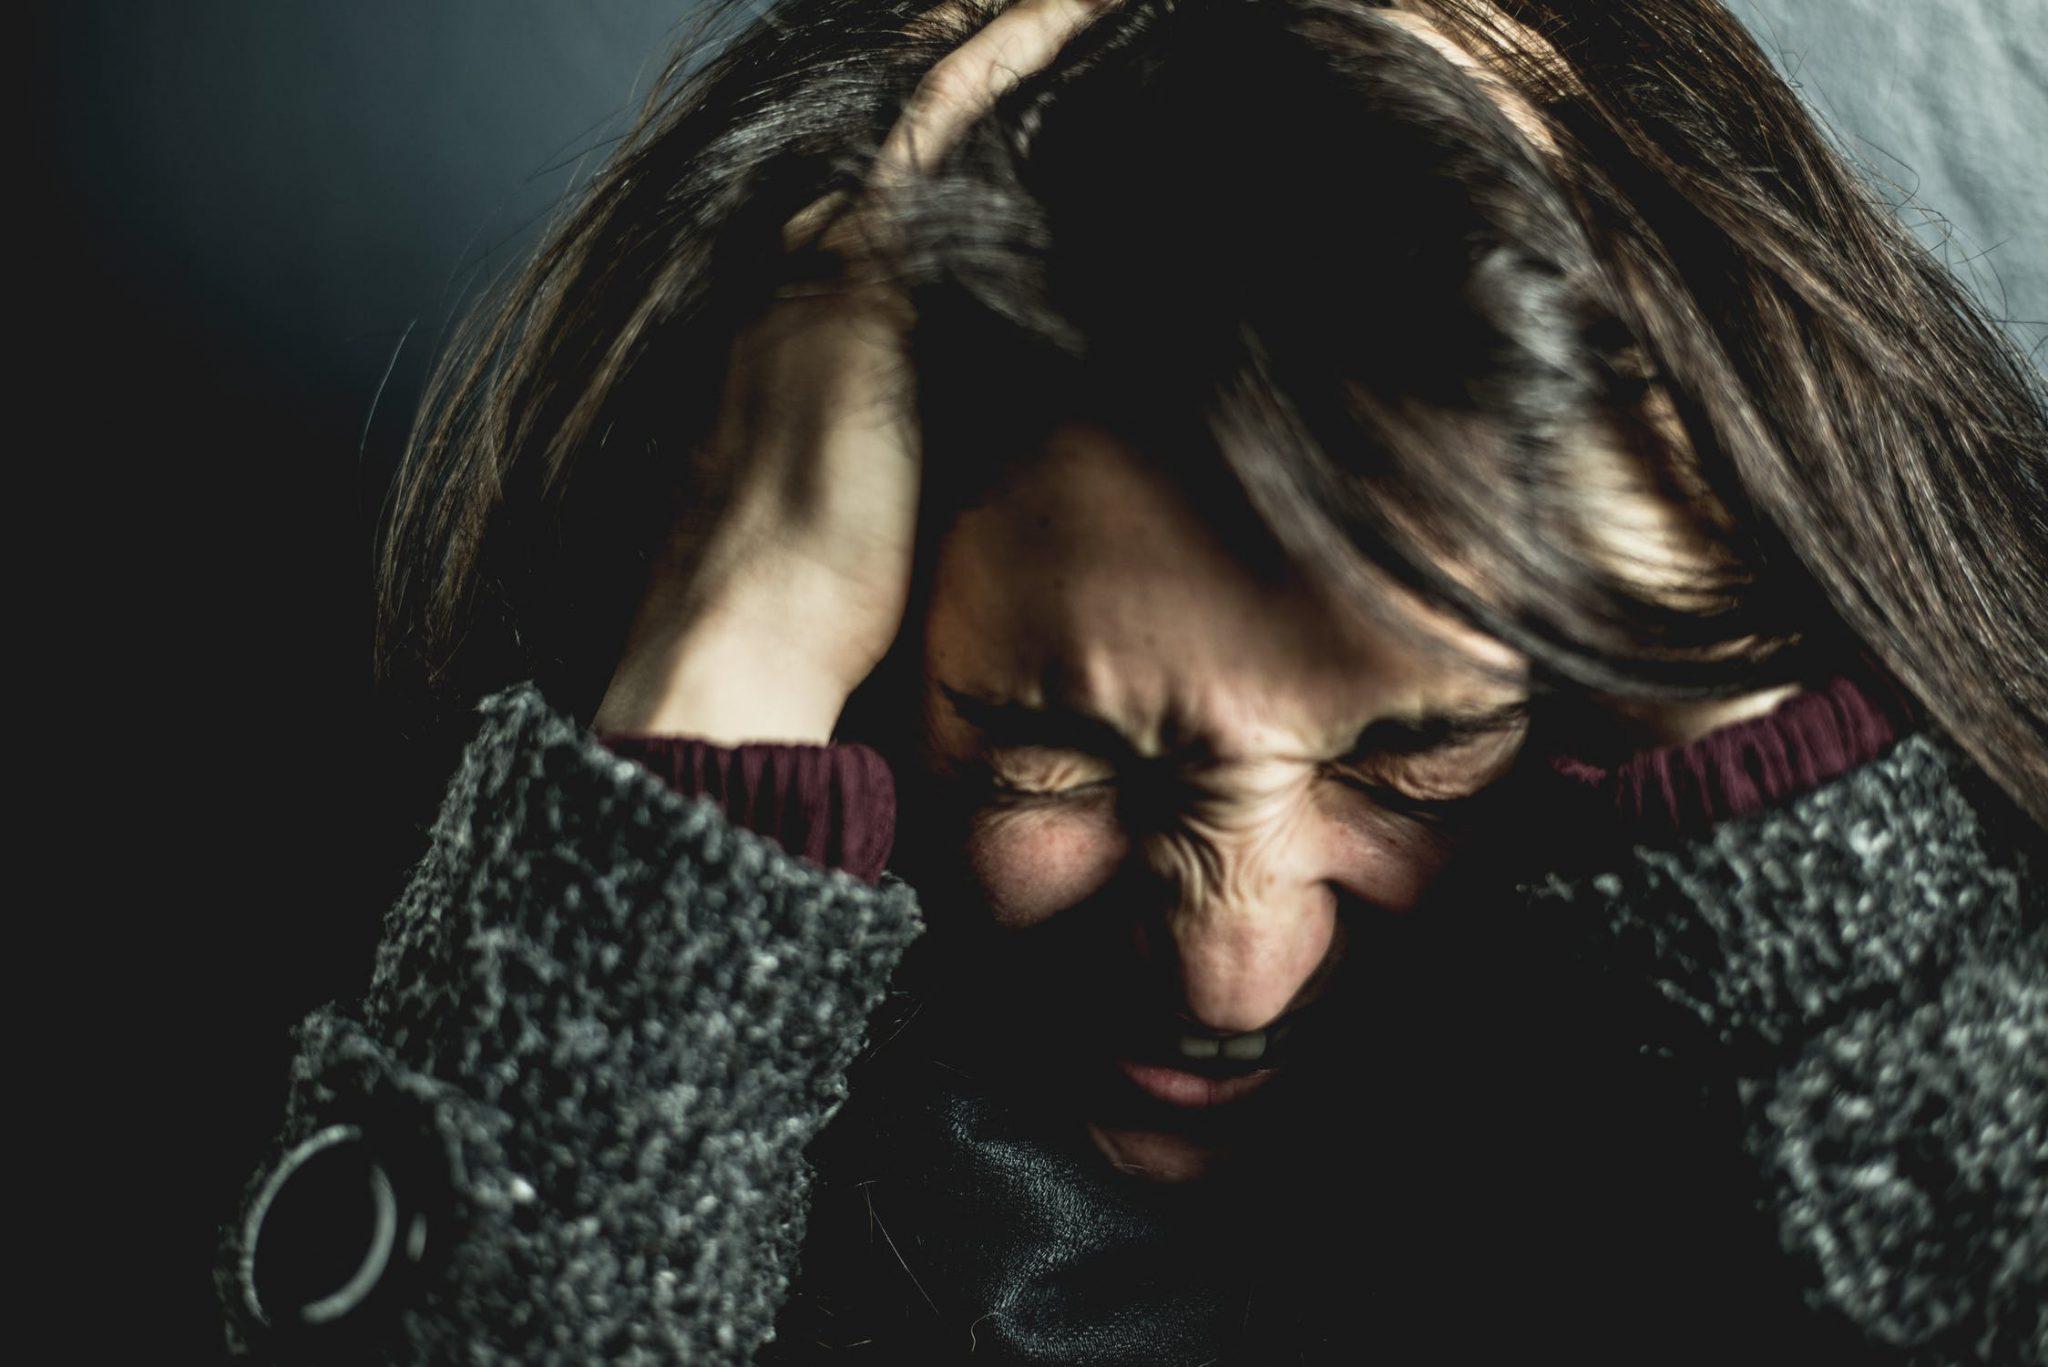 Mit Kritik umgehen; Frau hält sich verzweifelt den Kopf